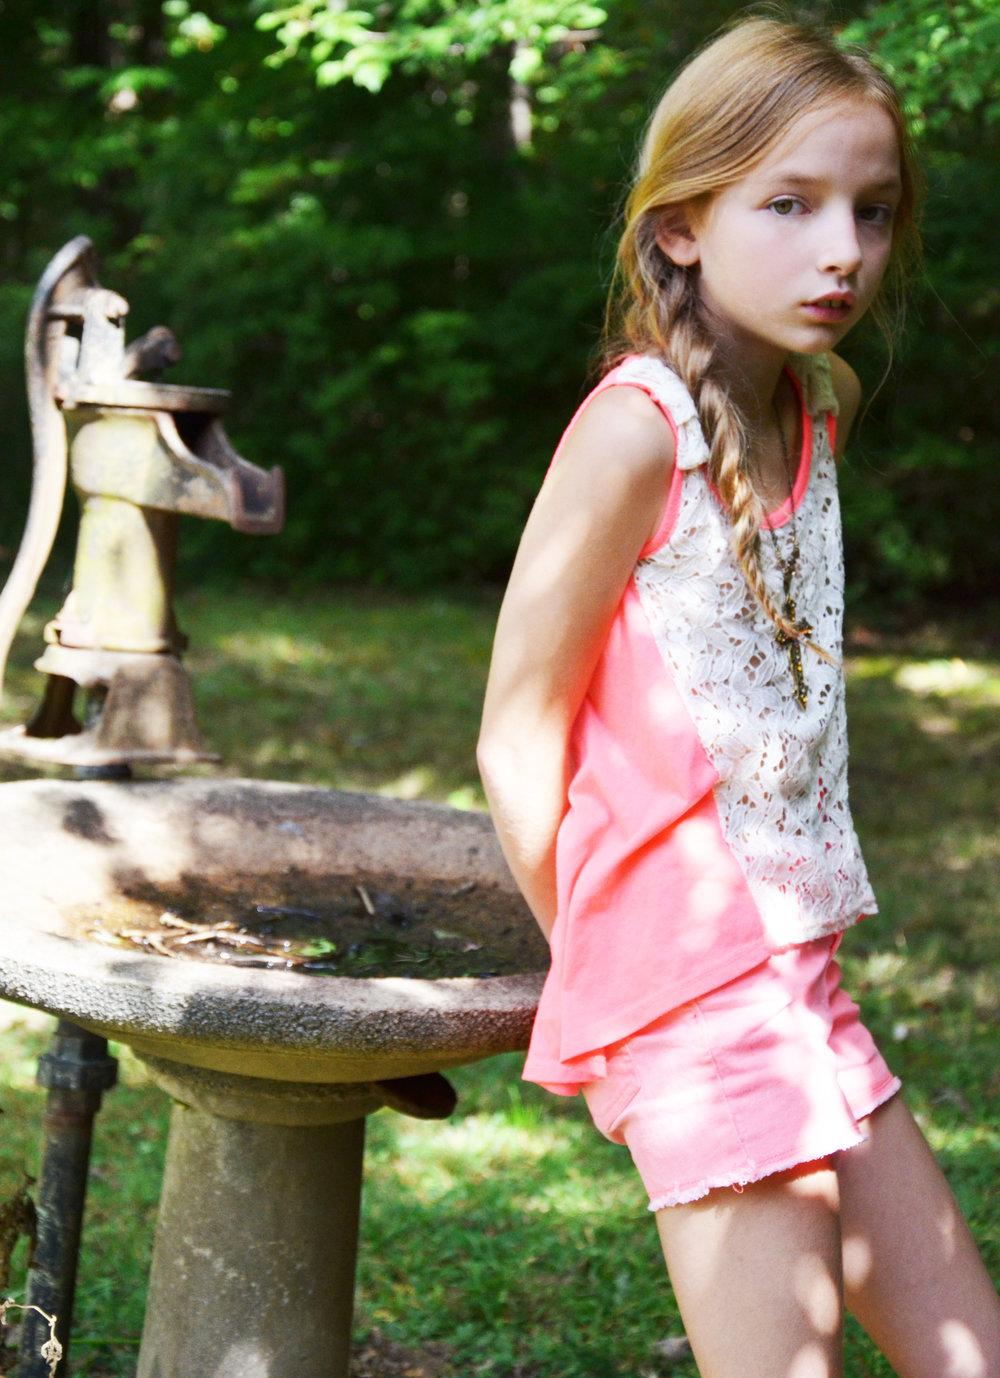 Hanna_Fountain 1.jpg